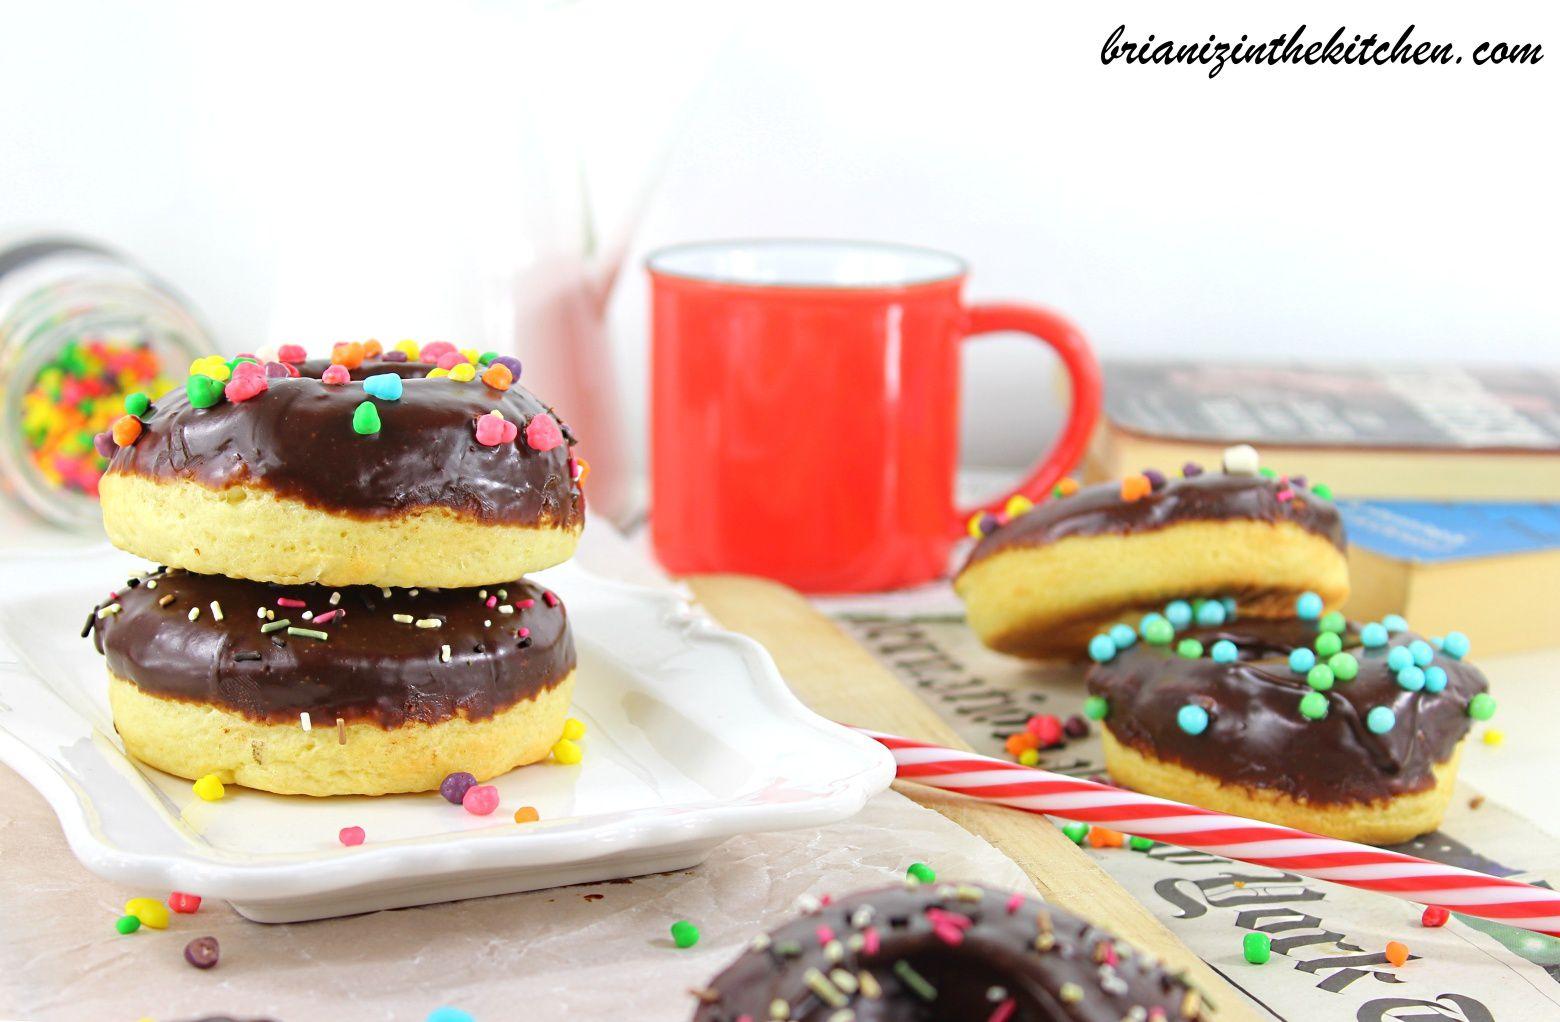 Donuts au Four - Parfum Vanille & Glaçage au Chocolat